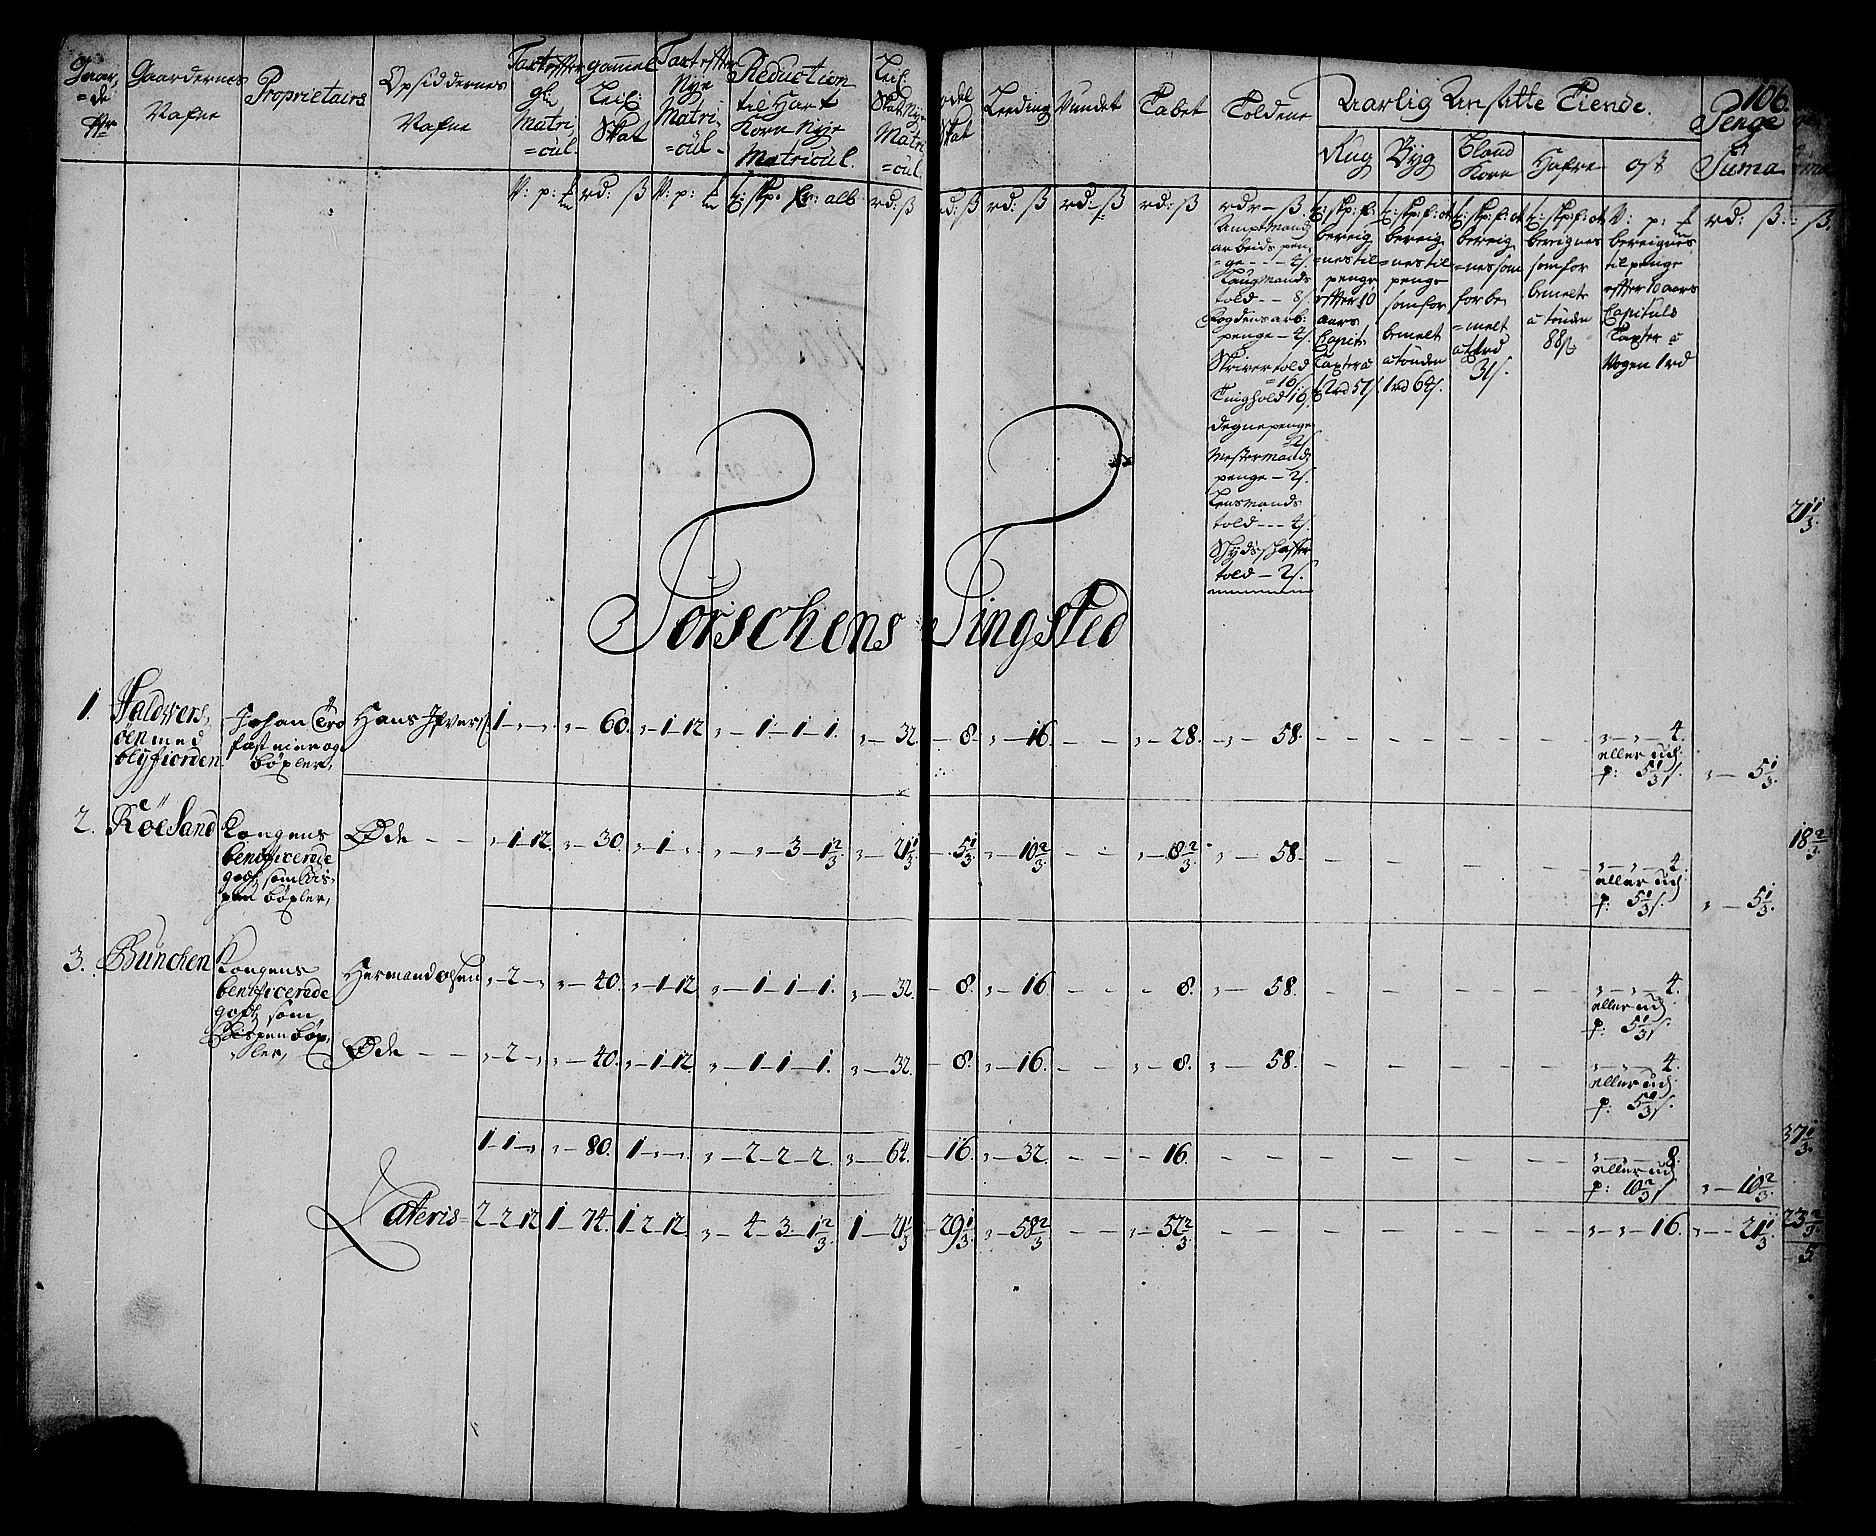 RA, Rentekammeret inntil 1814, Realistisk ordnet avdeling, N/Nb/Nbf/L0179: Senja matrikkelprotokoll, 1723, s. 105b-106a